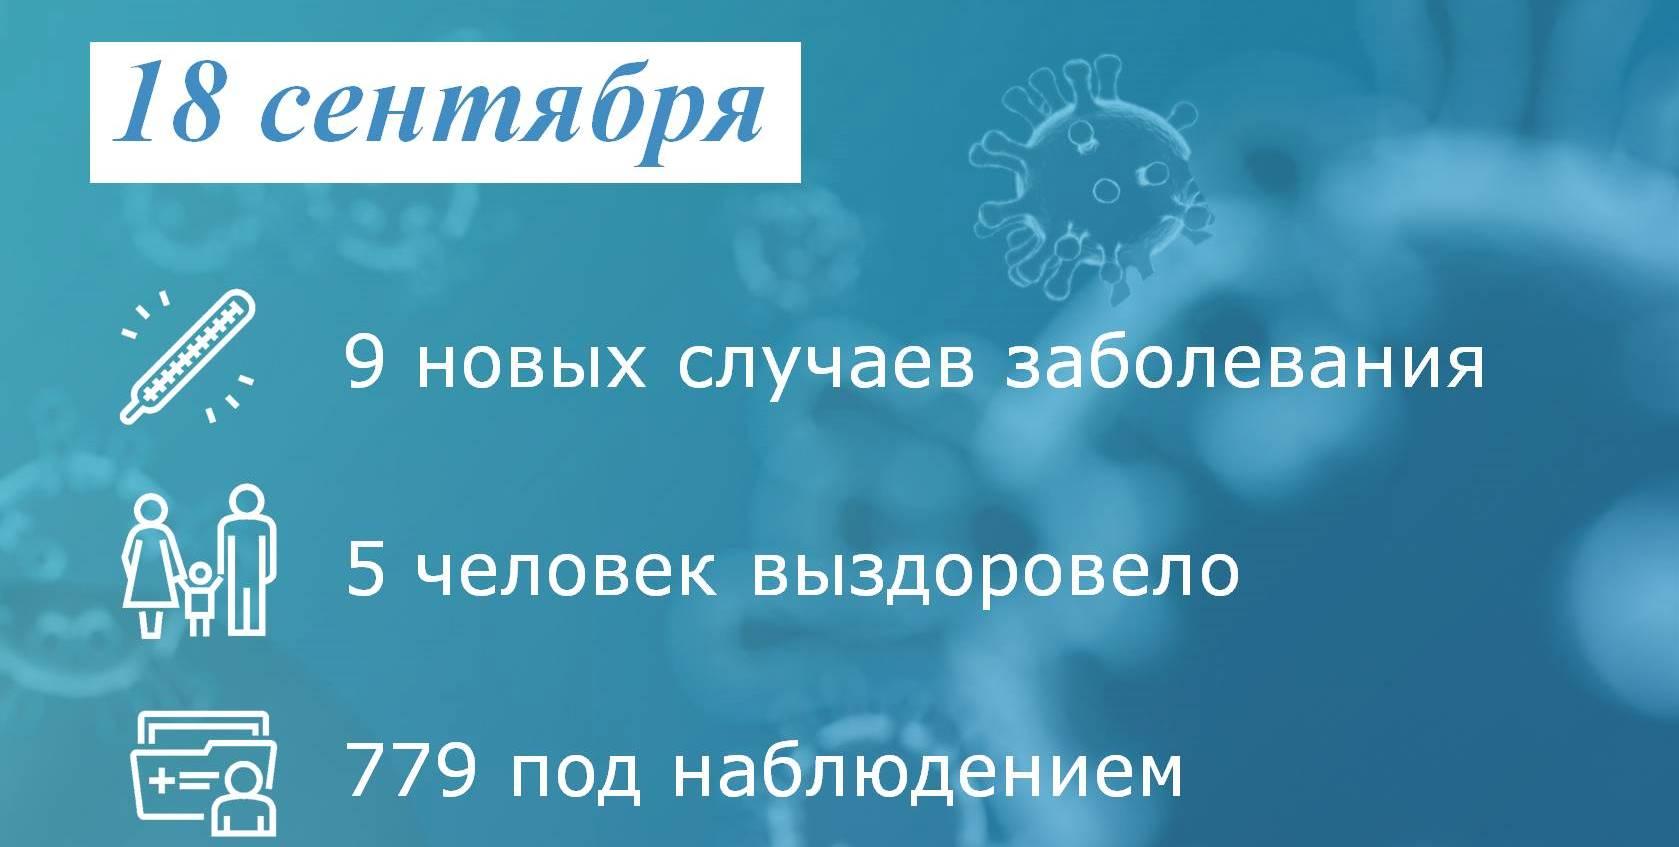 Коронавирус: в Таганроге заболели еще 9 человек